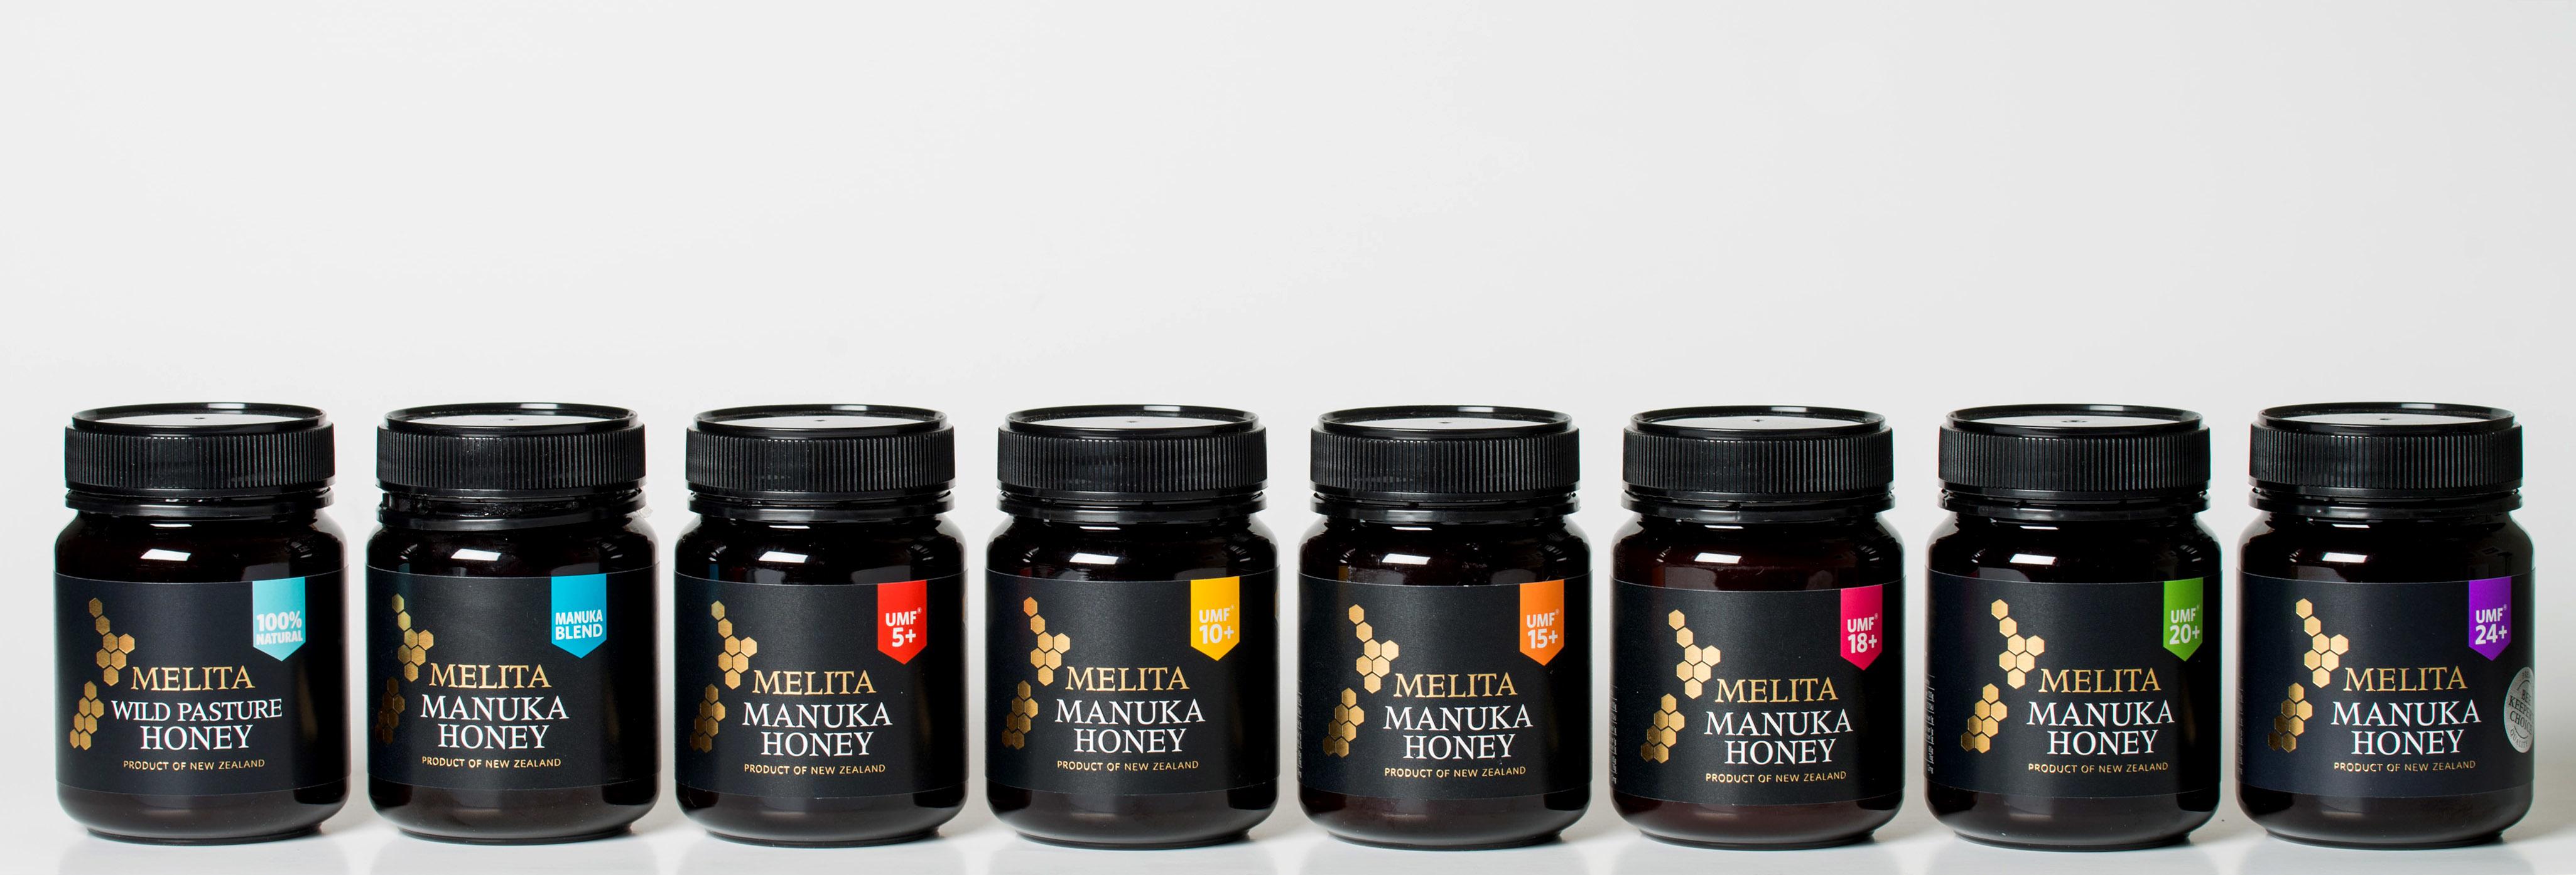 各种规格的新西兰melita麦卢卡蜂蜜